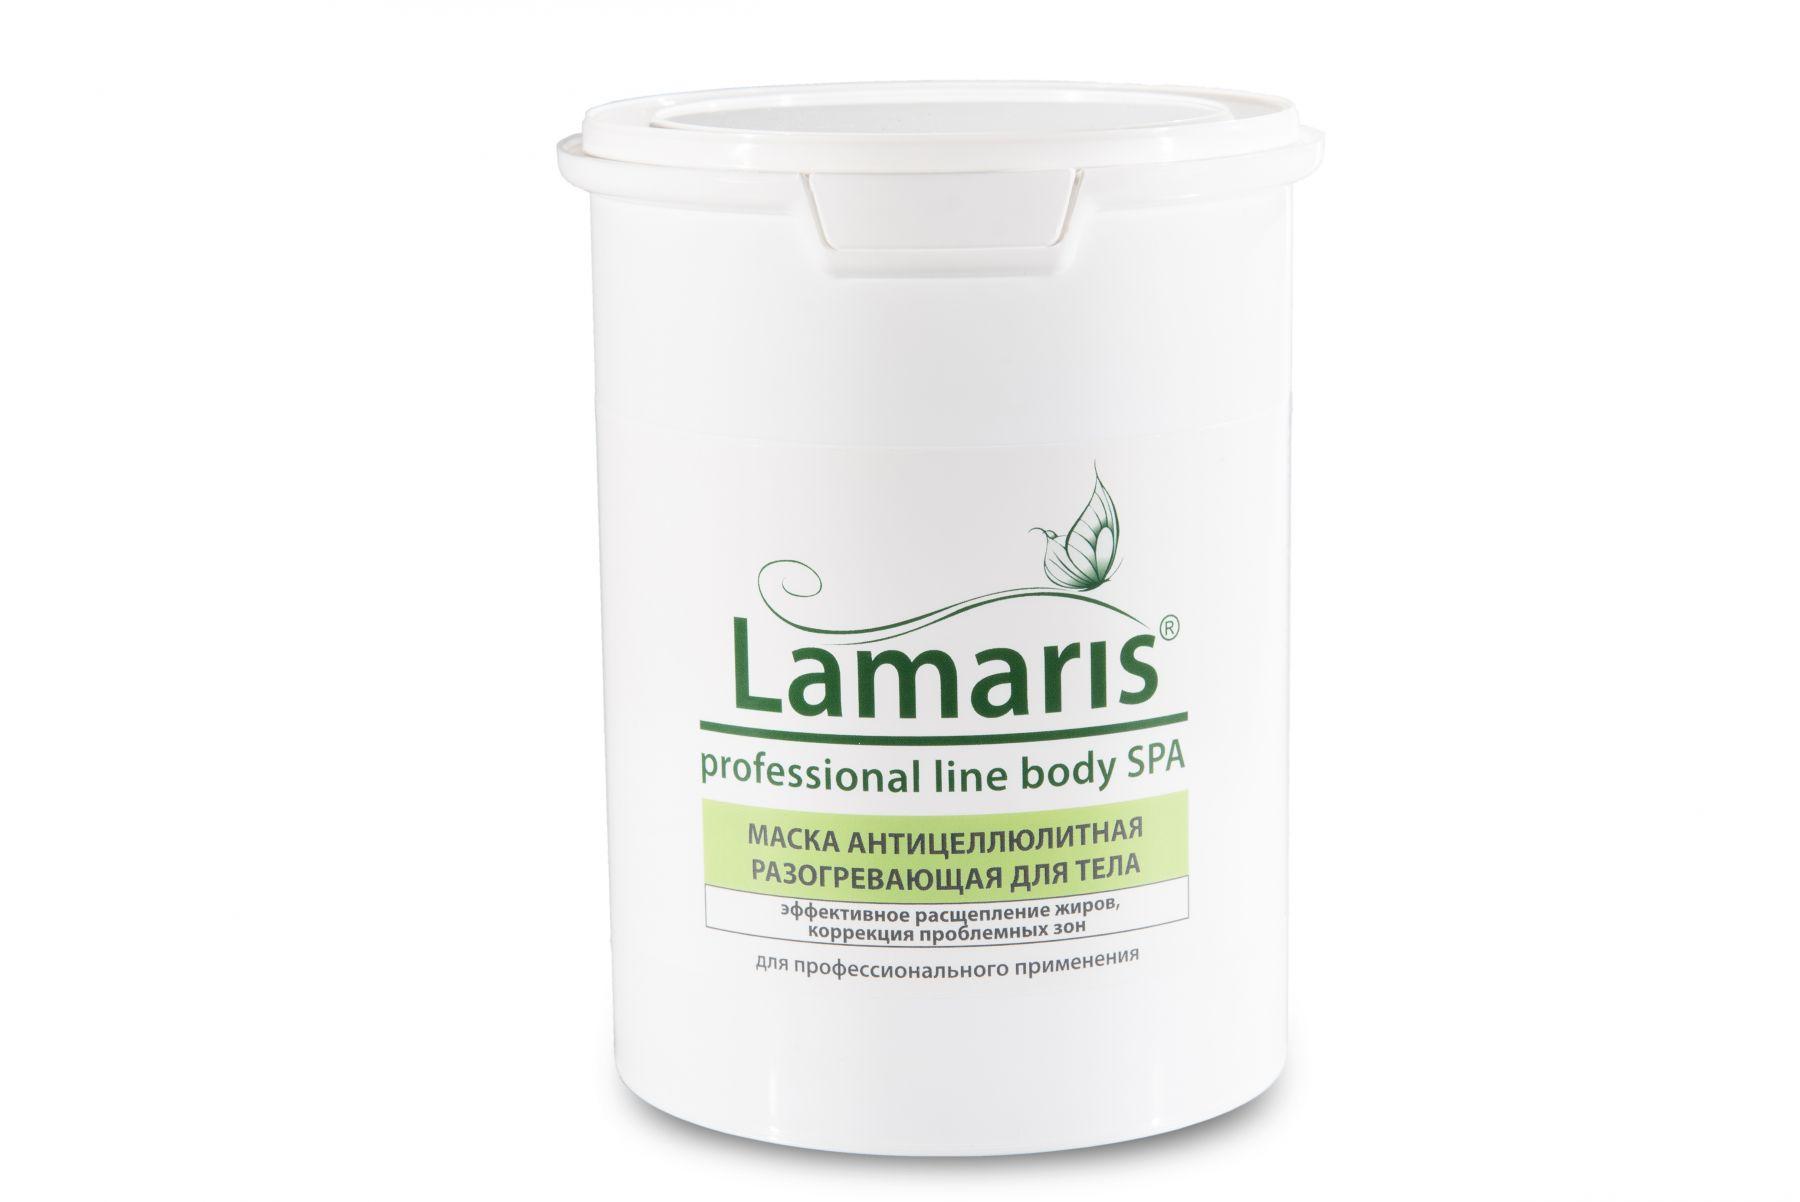 Разогревающая антицеллюлитная маска для тела Lamaris - 1,5 кг